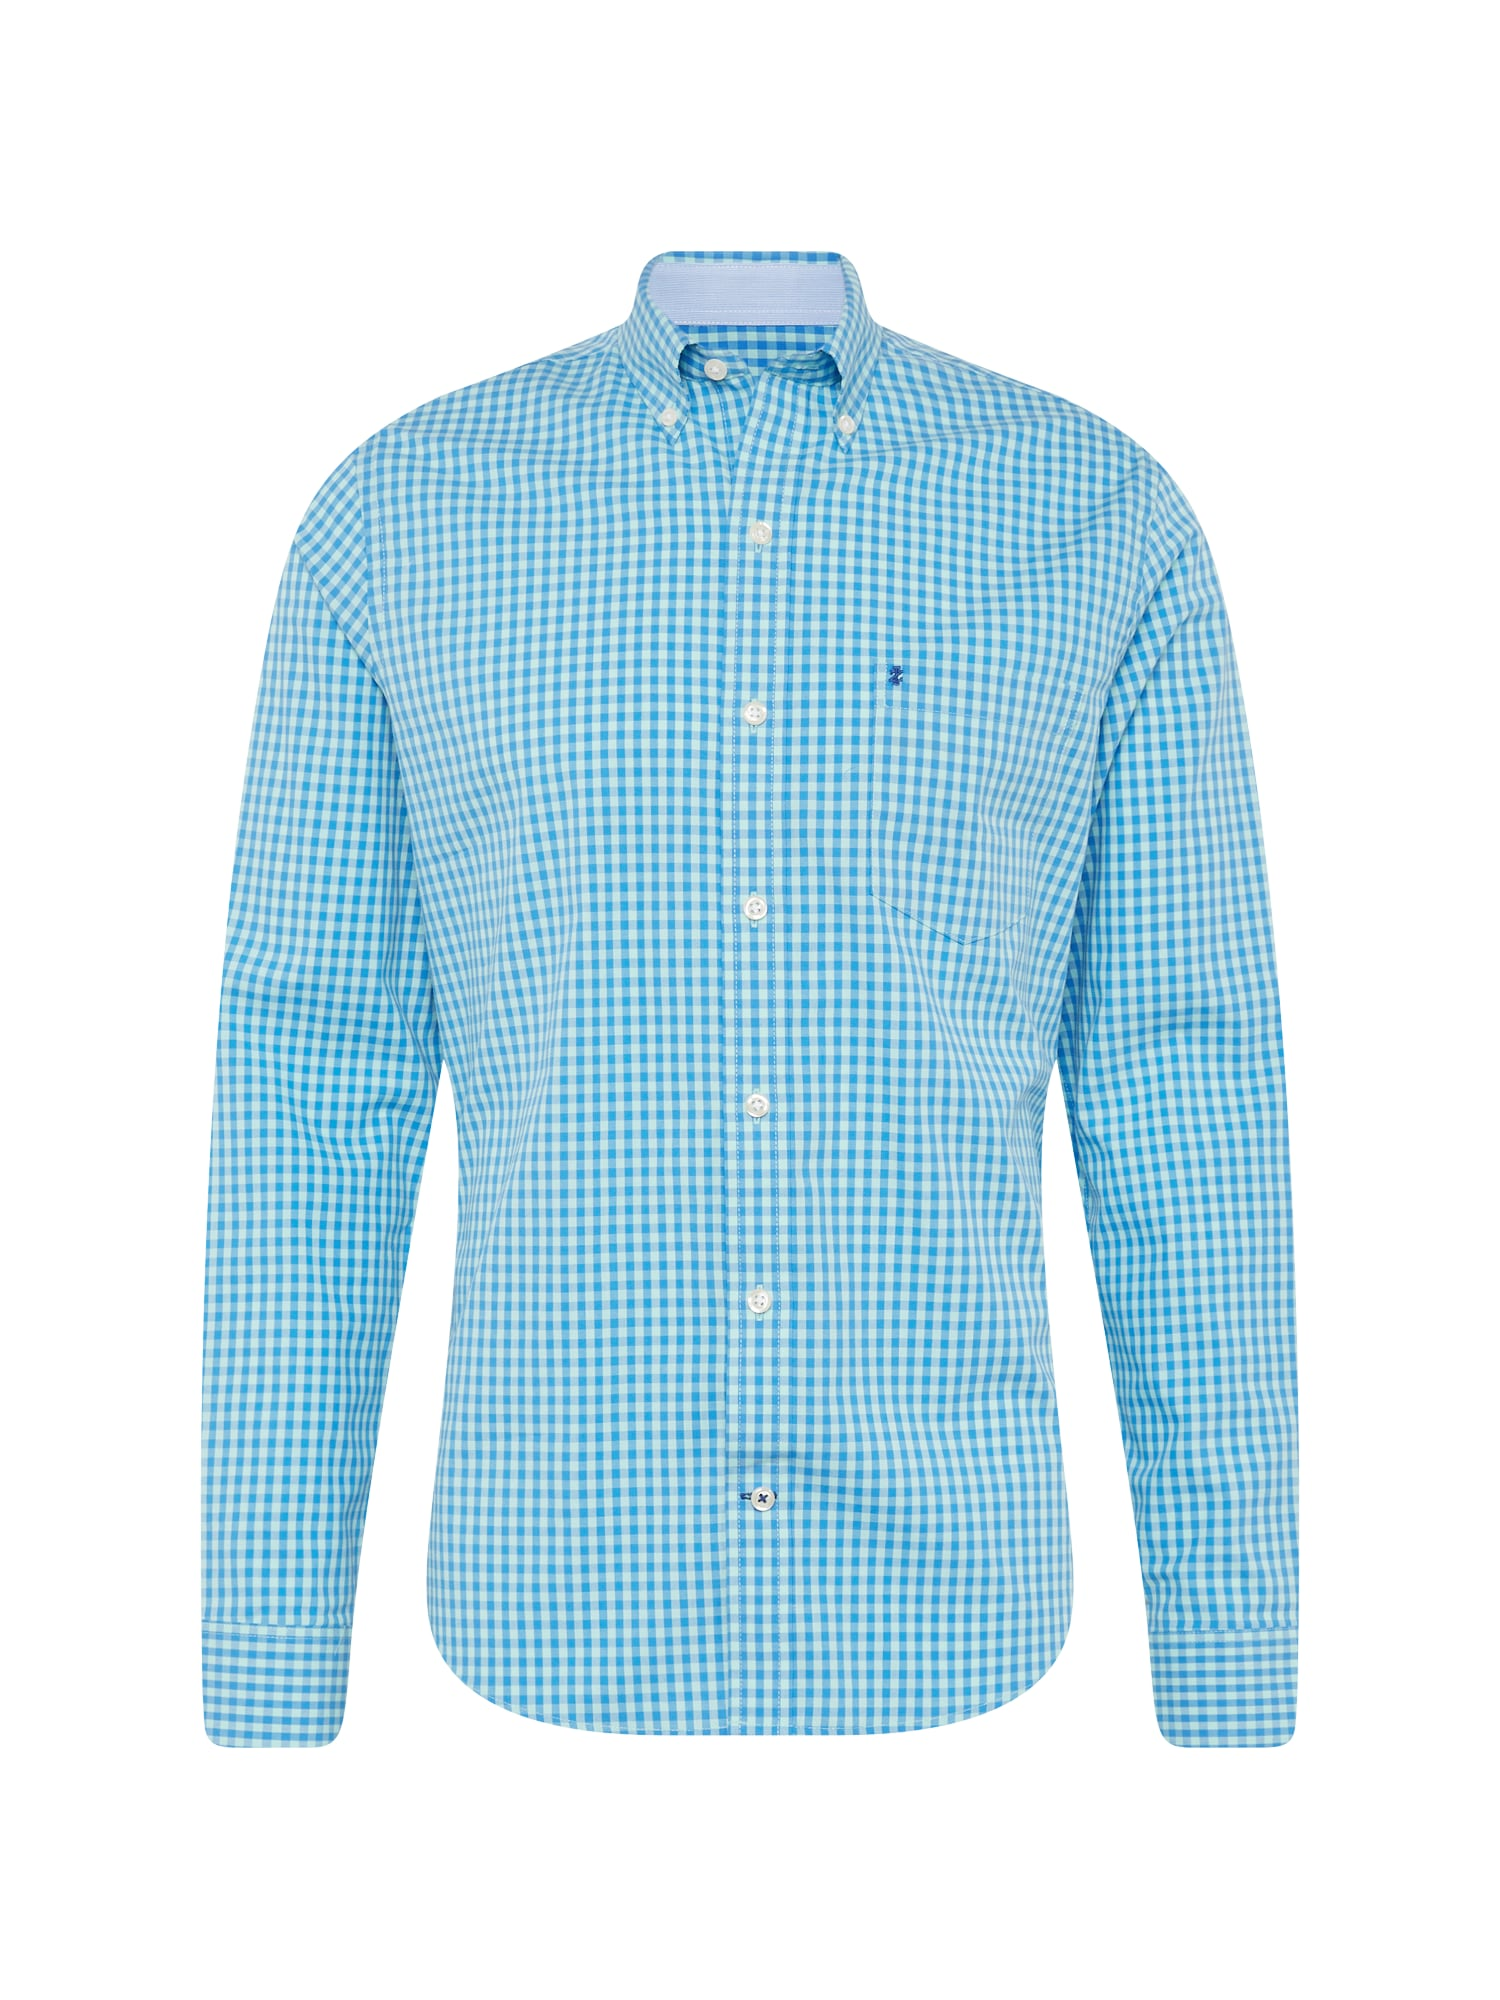 Košile COLORED GINGHAM BD SHIRT modrá IZOD